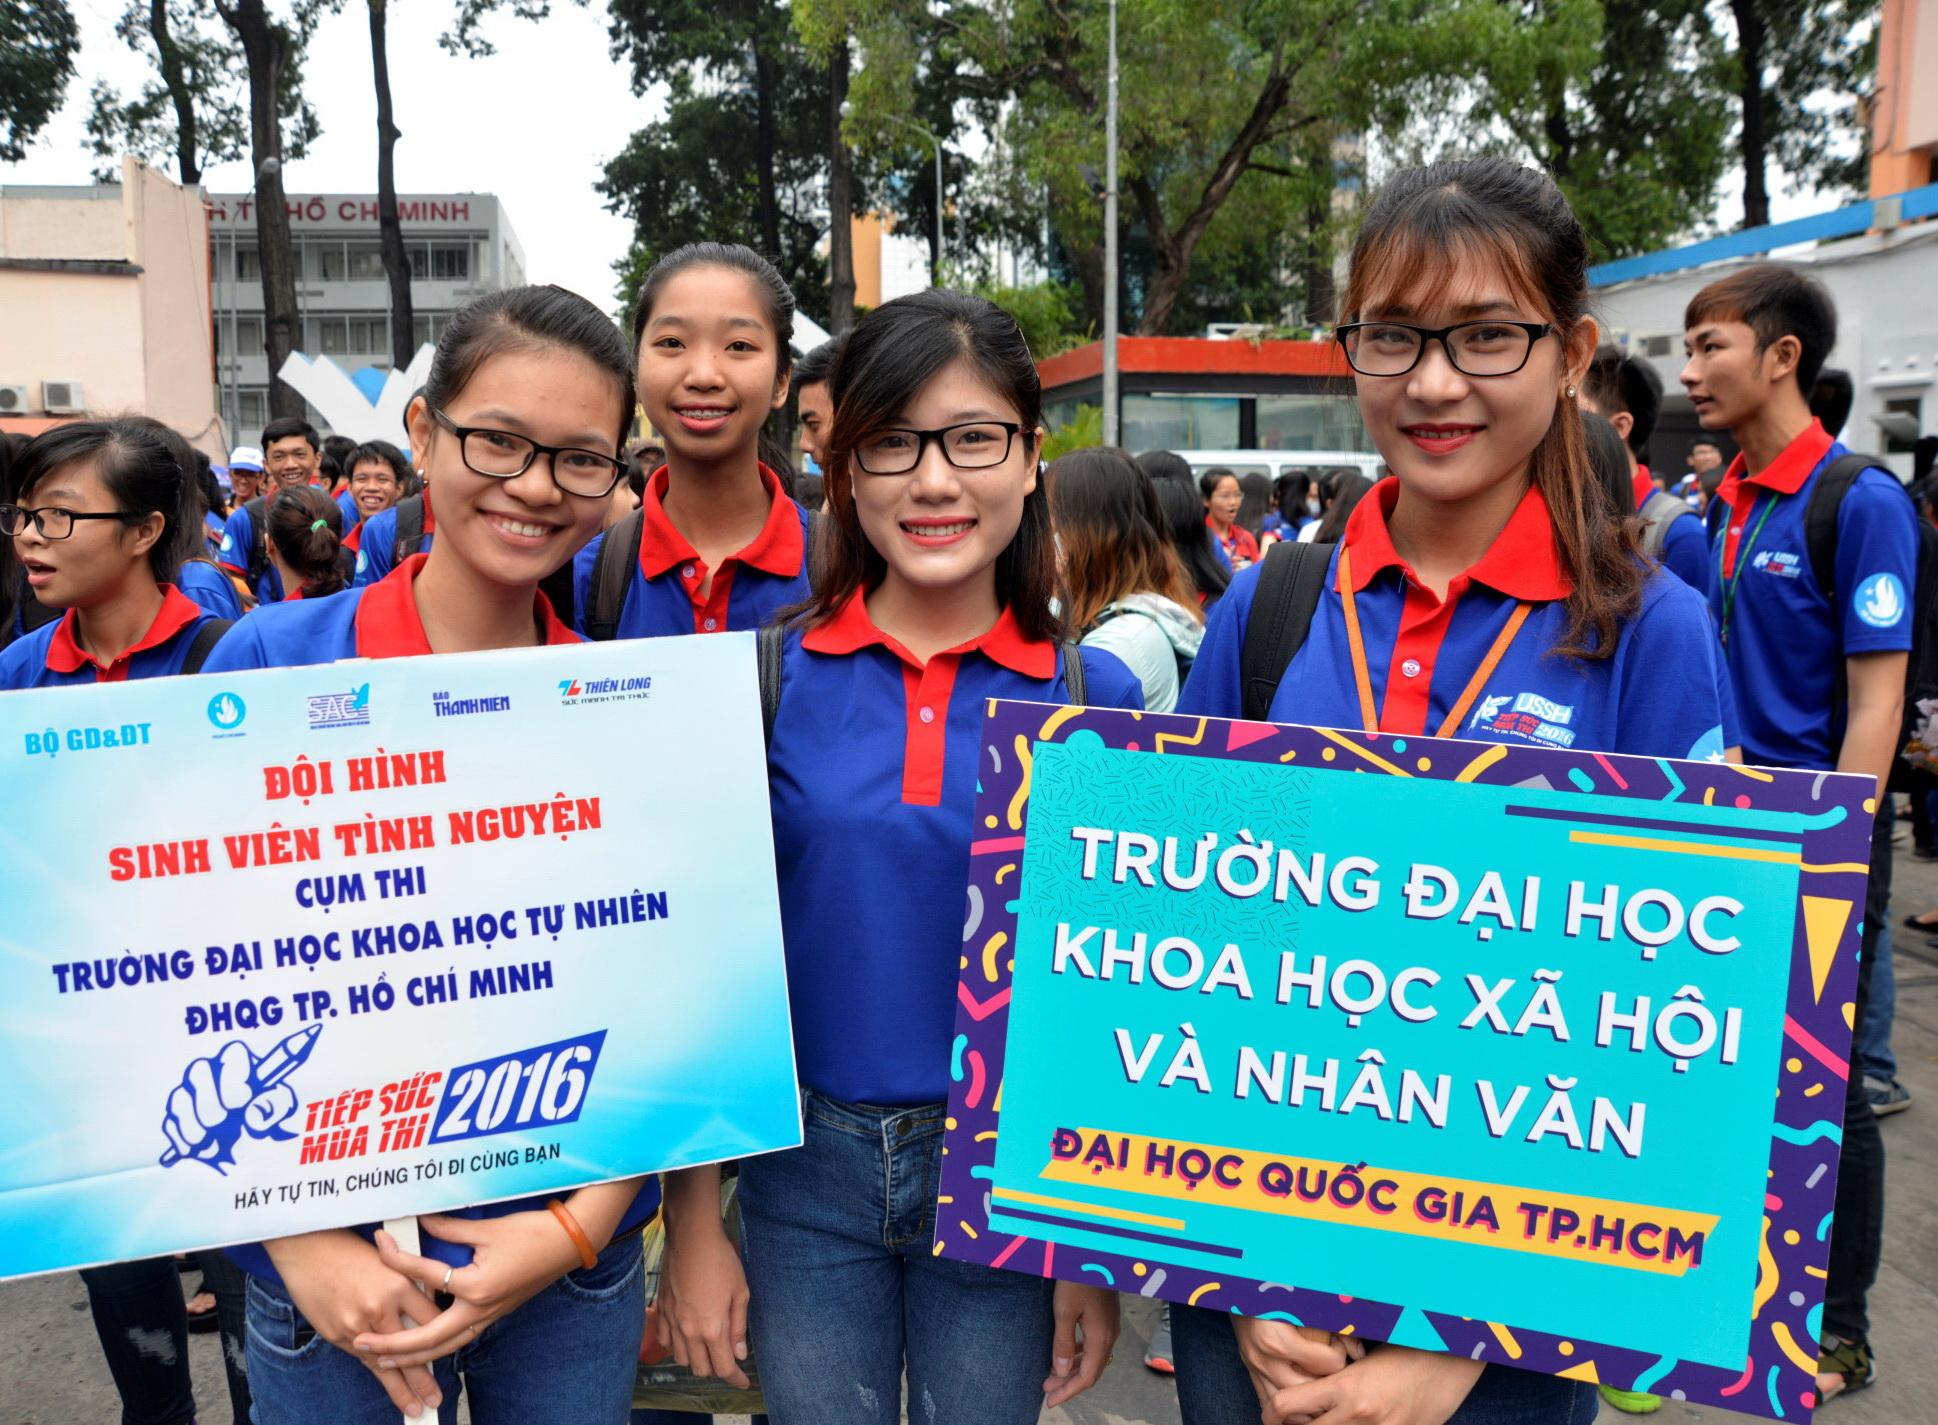 Các chiến sĩ Tiếp sức mùa thi TP.HCM đã sẵn sàng hỗ trợ thí sinh tham gia kỳ thi THPT quốc gia và xét tuyển đại học, cao đẳng 2016 - Ảnh: DUYÊN PHAN